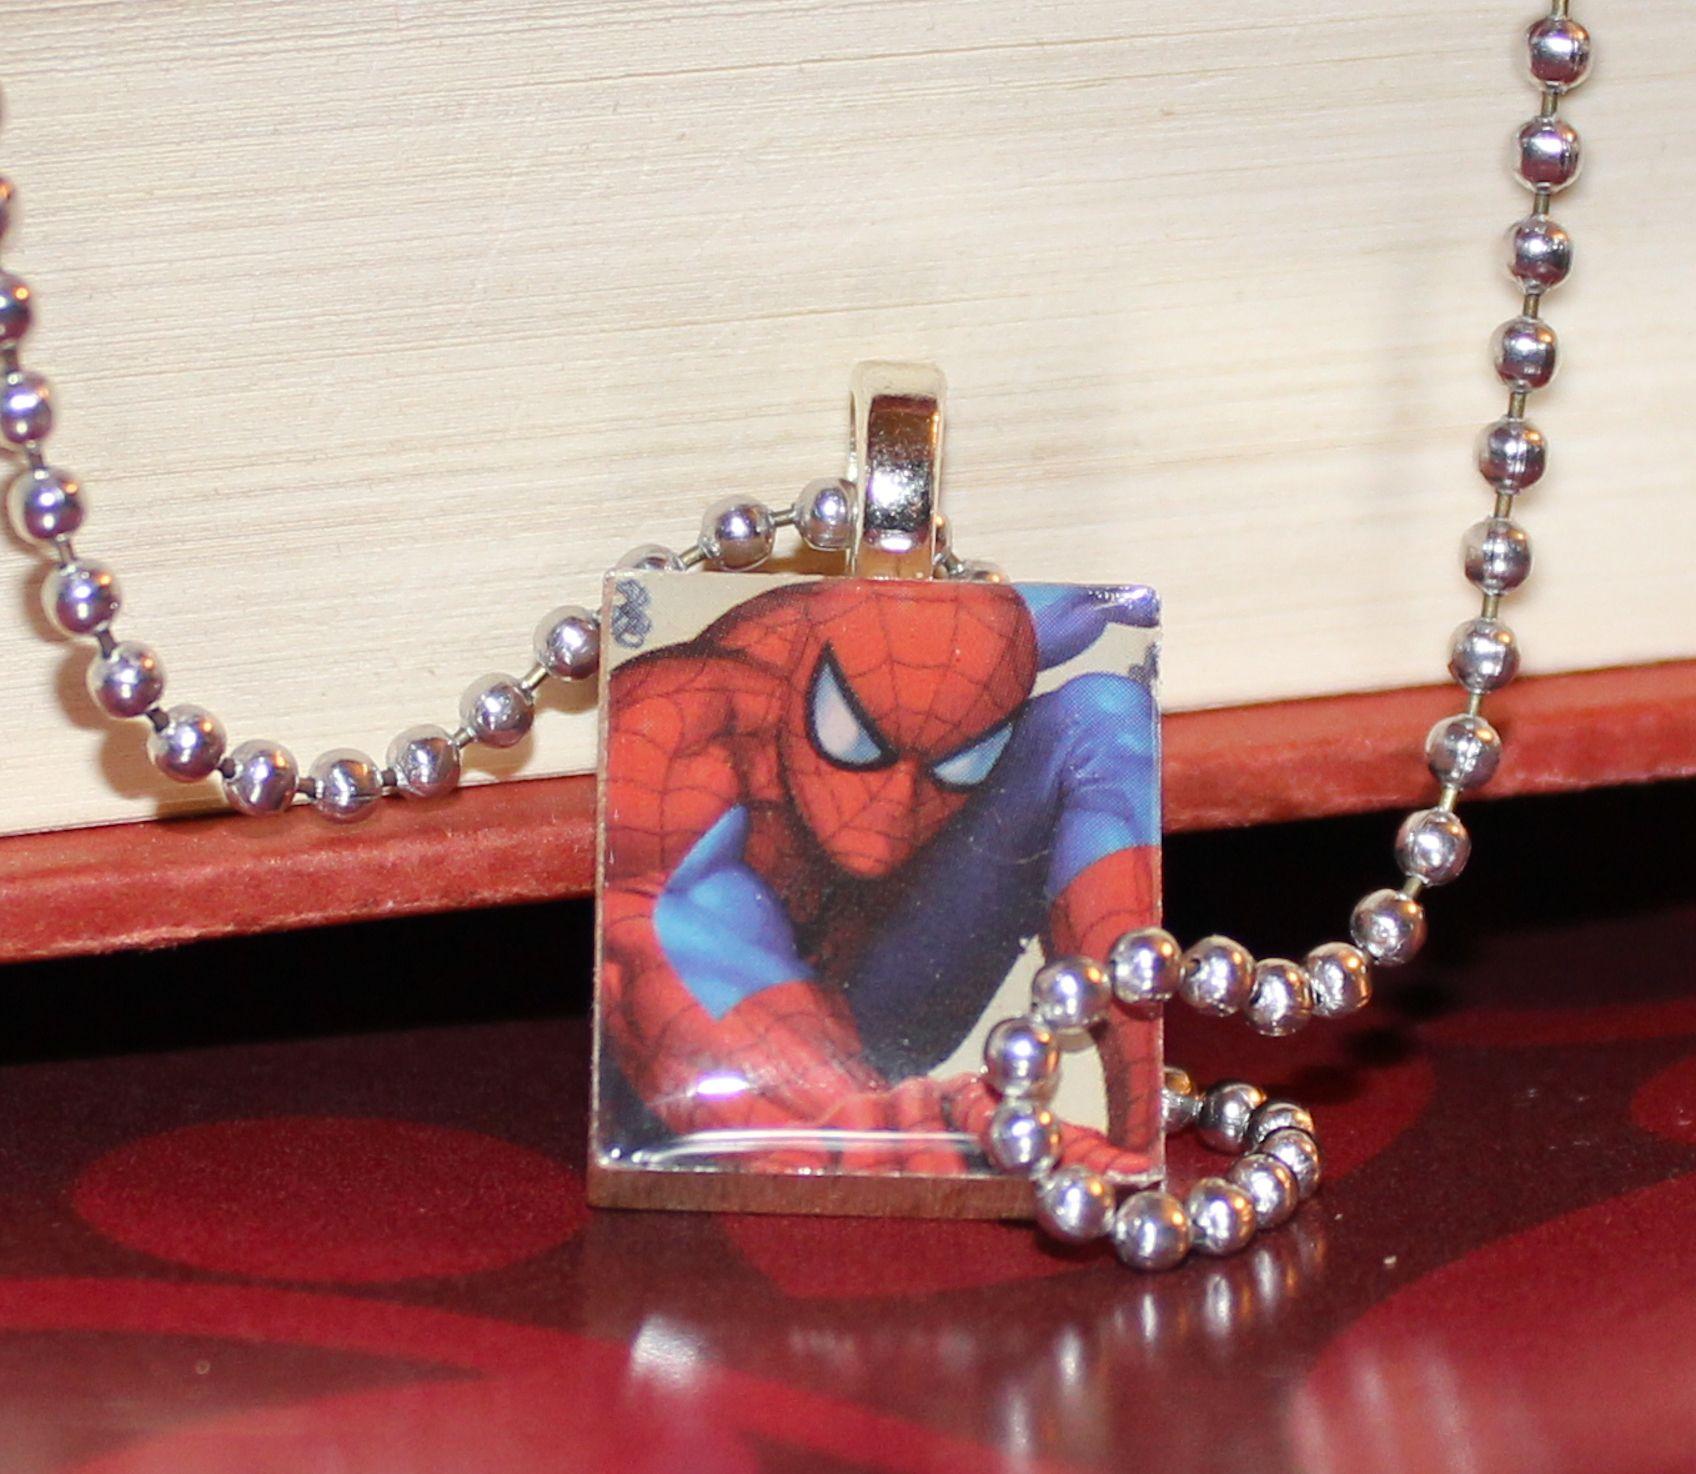 Scrabble Tile Spiderman Pendant